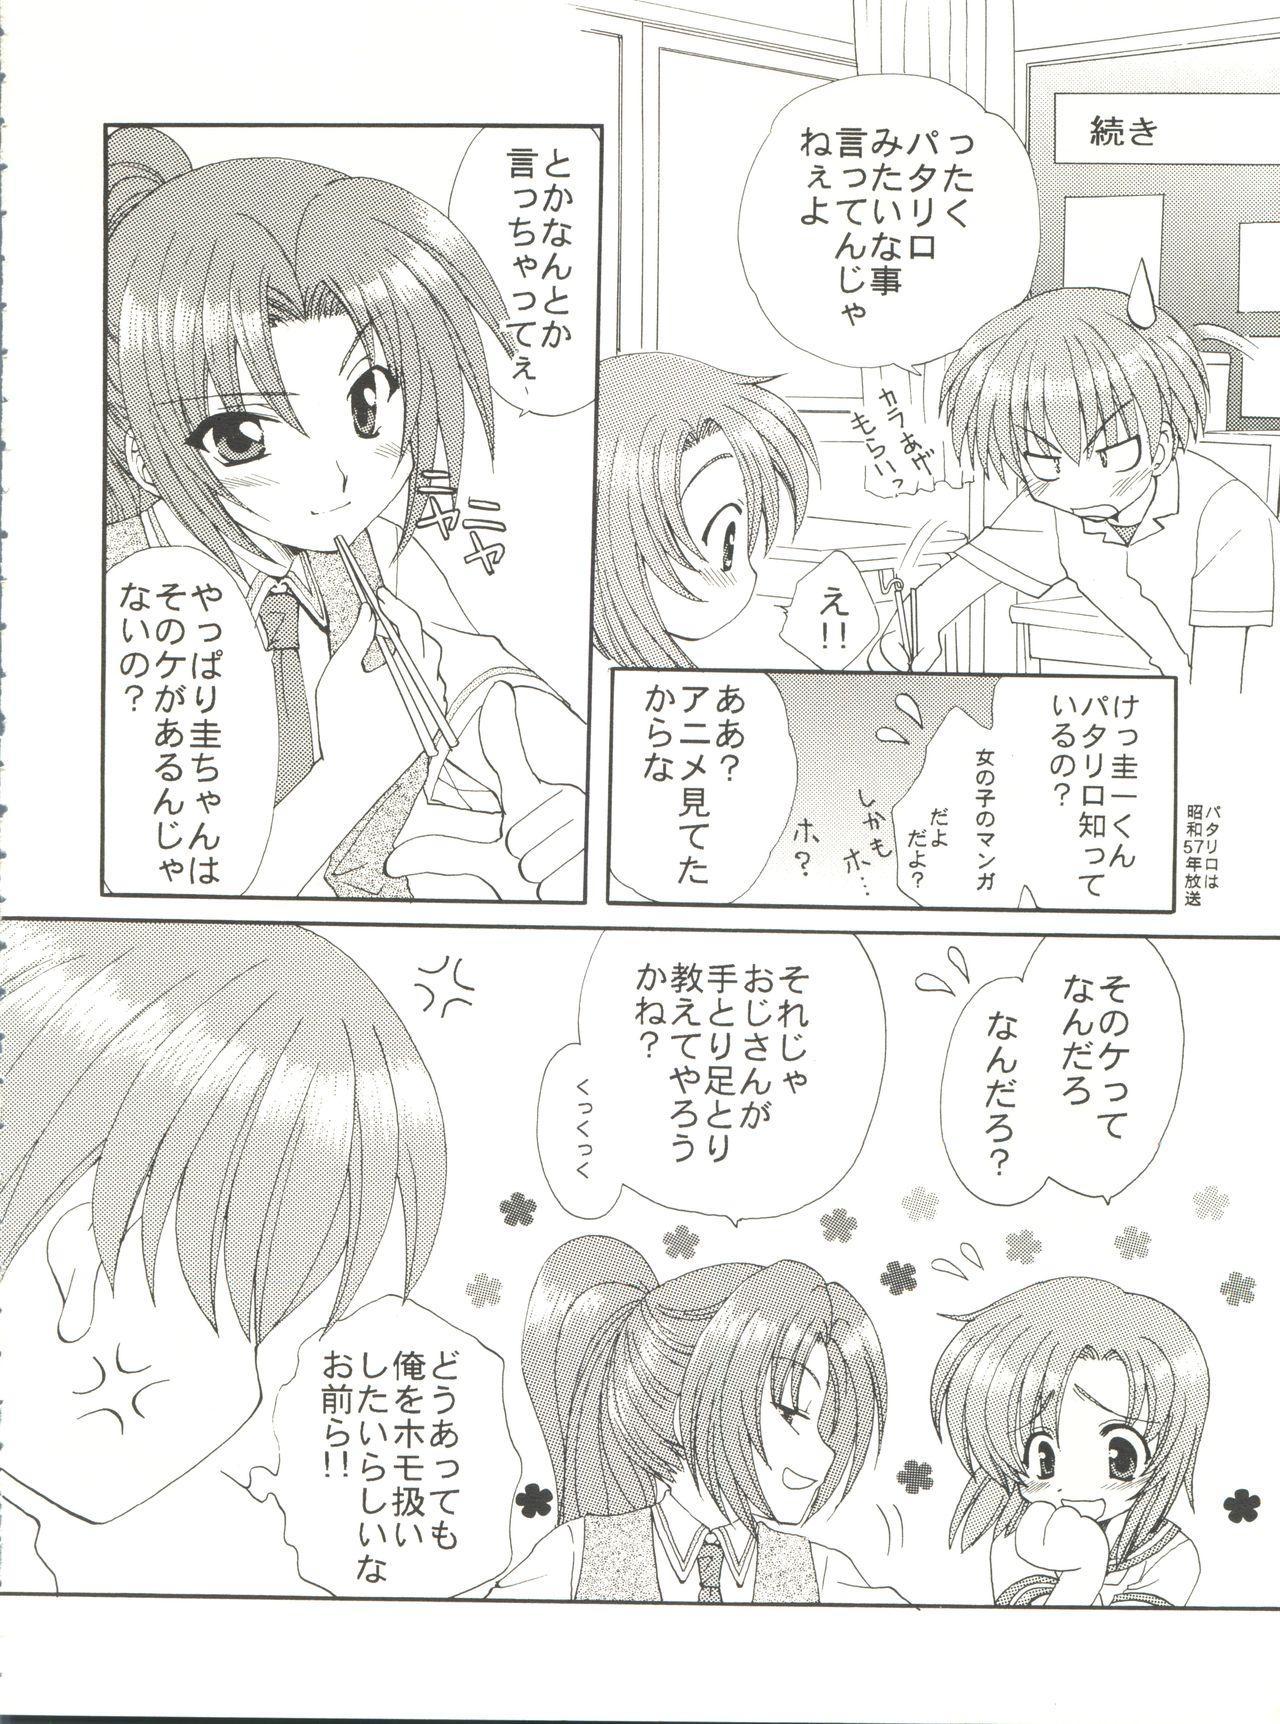 Higurashi no Naku ya ni 5